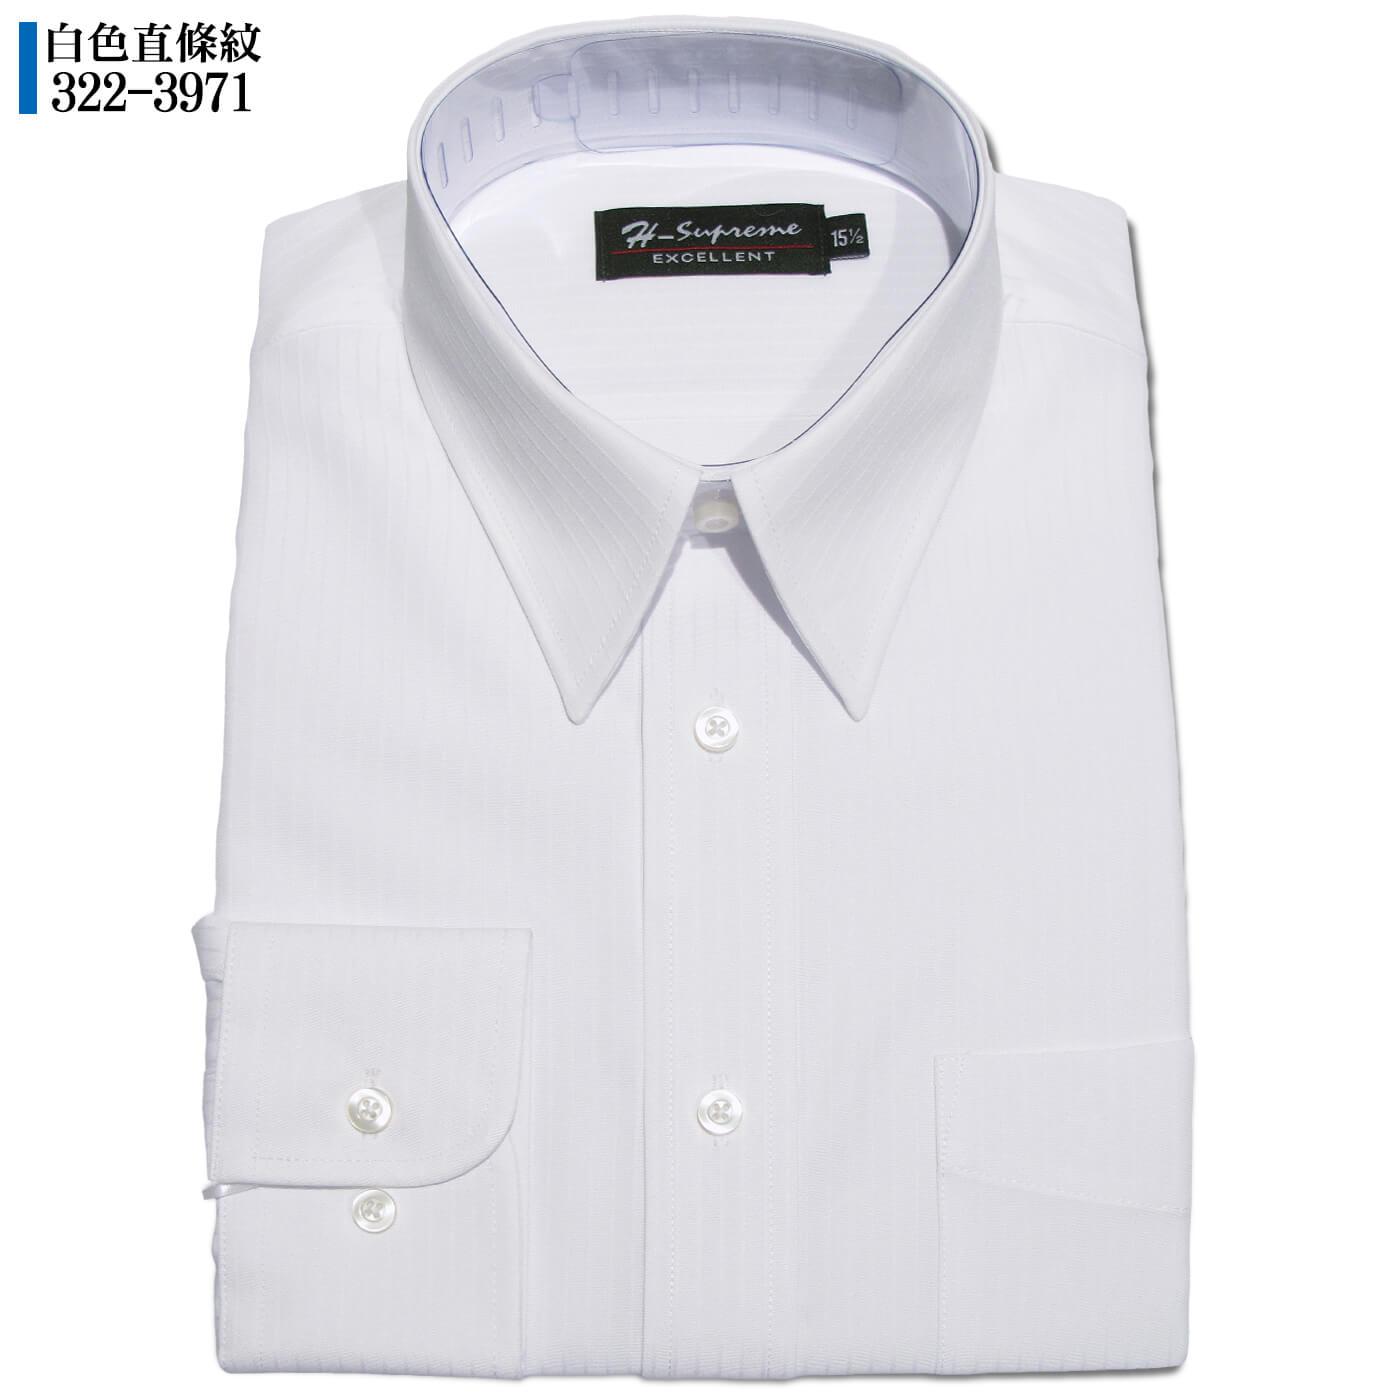 腰身剪裁防皺襯衫 吸濕排汗機能布料直條紋襯衫 柔軟舒適標準襯衫 正式襯衫 保暖襯衫 面試襯衫 上班族襯衫 商務襯衫 長袖襯衫 (322-3971)白色條紋、(322-3972)藍白條紋、(322-3976)藍點條紋、(322-3978)紫白條紋 領圍:15~18英吋 [實體店面保障] sun-e322 2